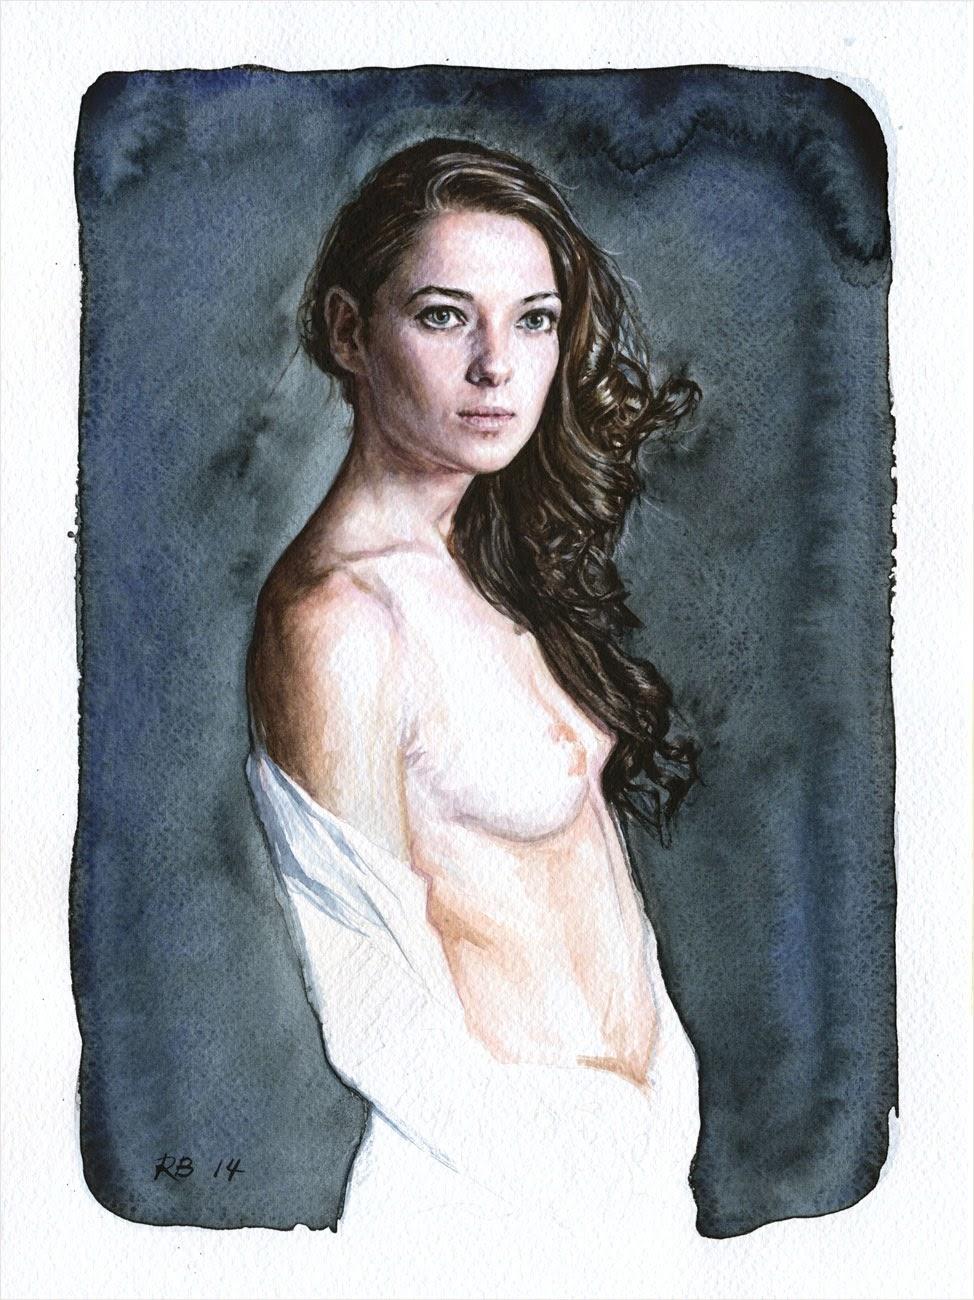 René Bui - Etude de nu à l'aquarelle 140109 - 2014